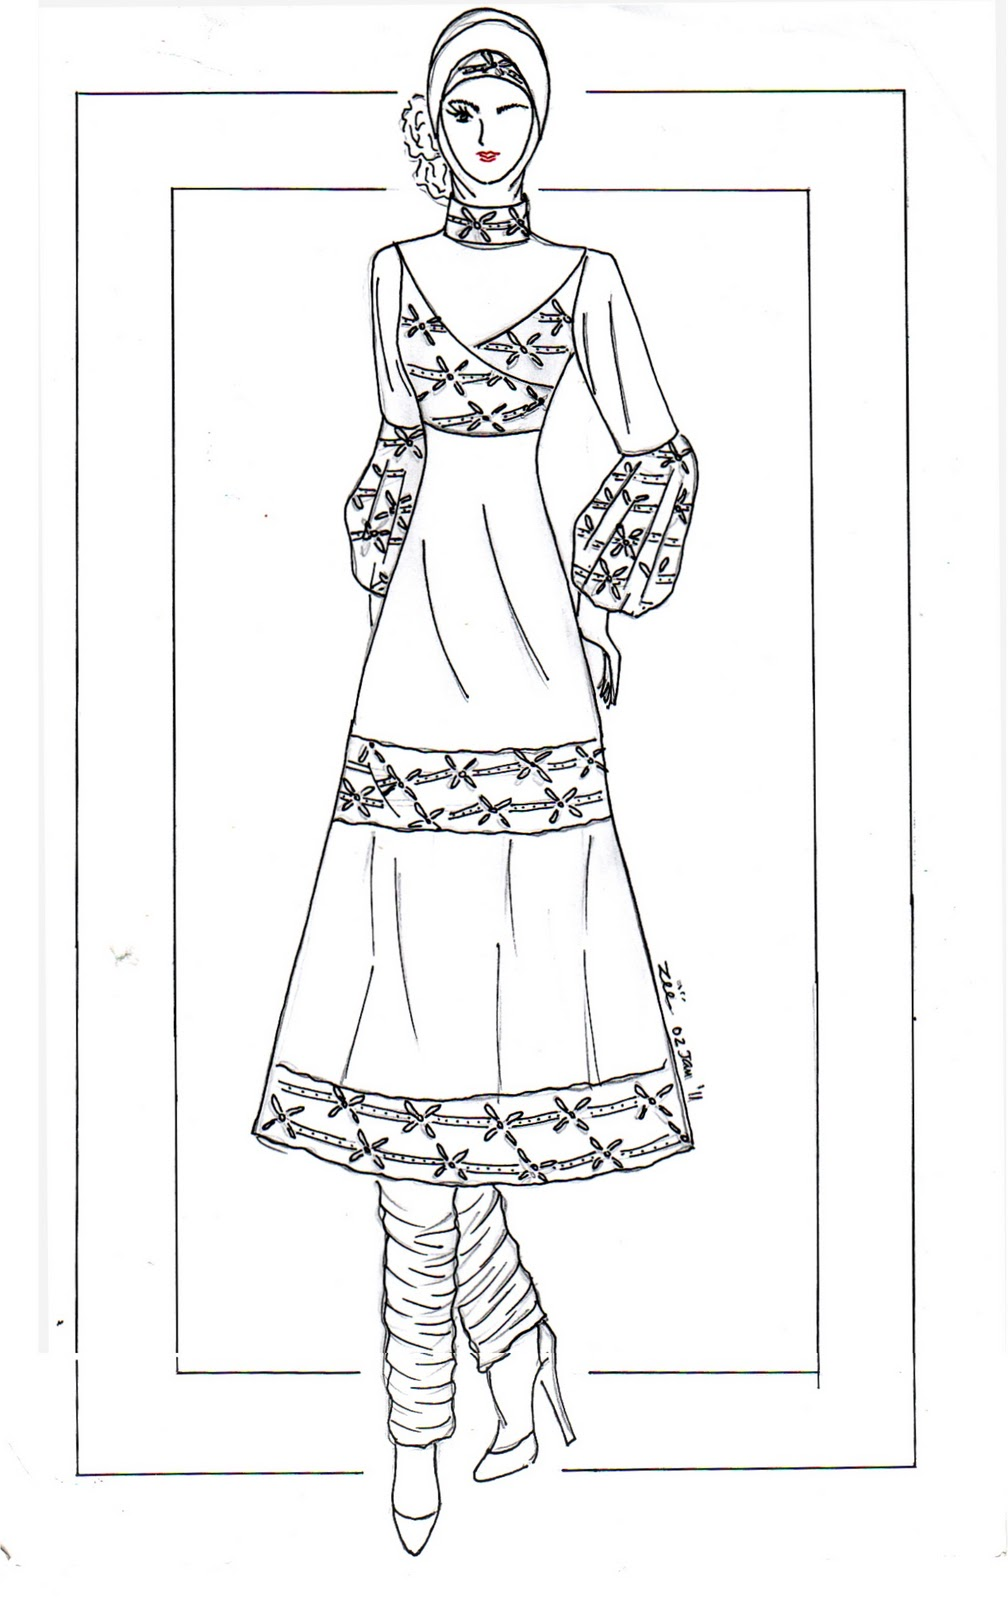 Koleksi Mewarnai Gambar Baju Muslim